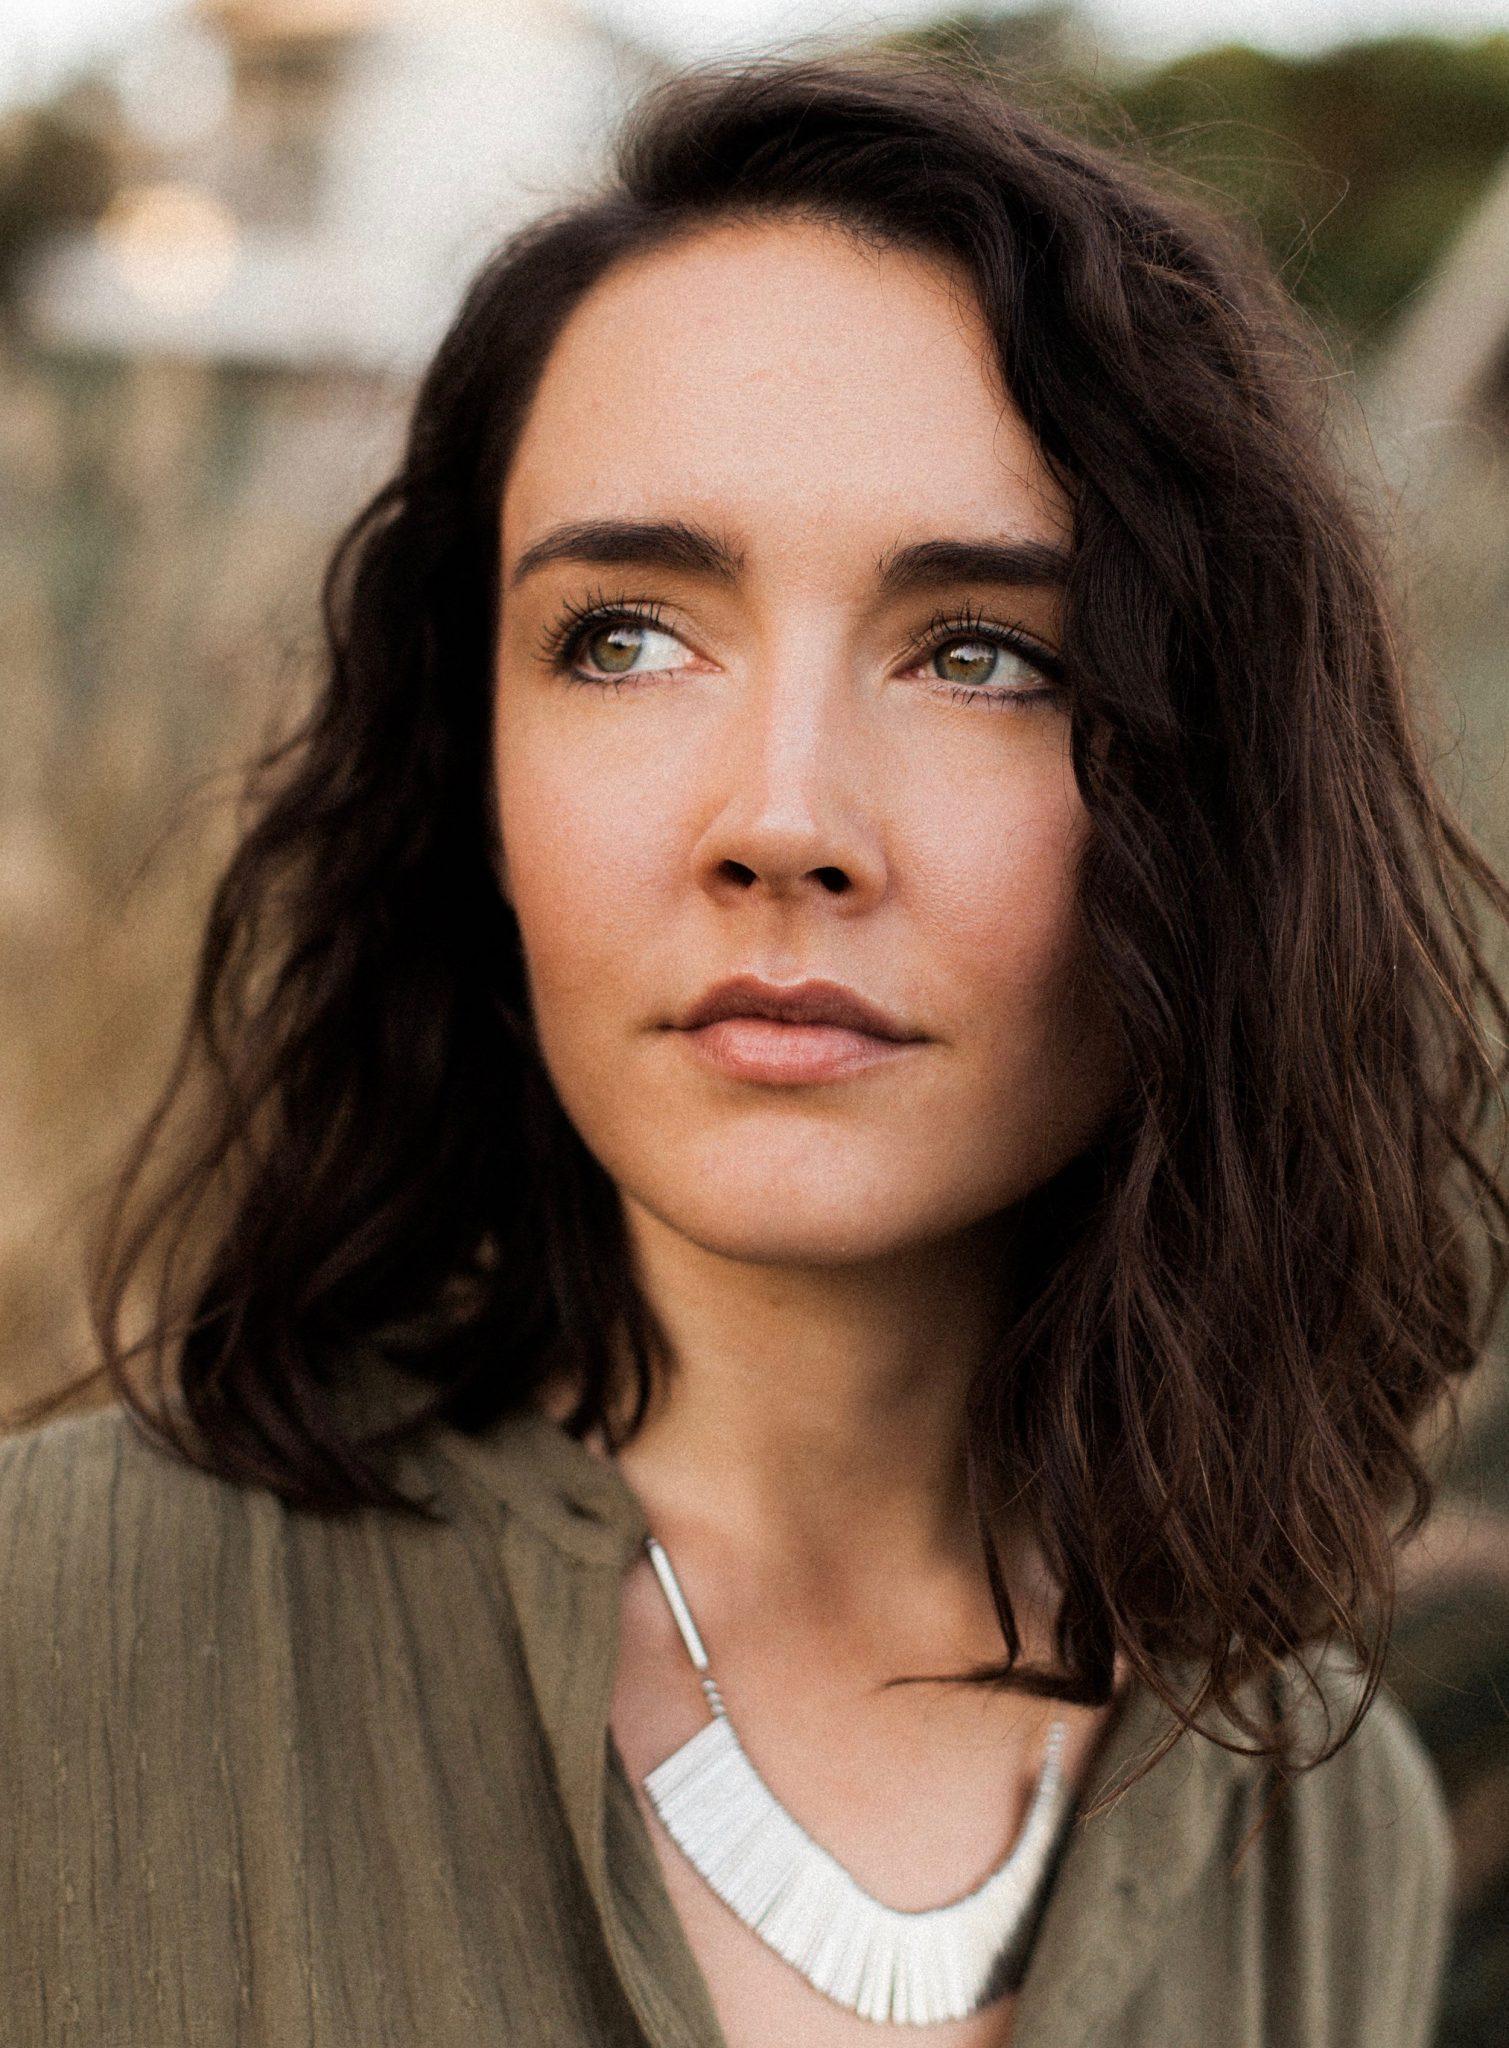 Erin Bentlage